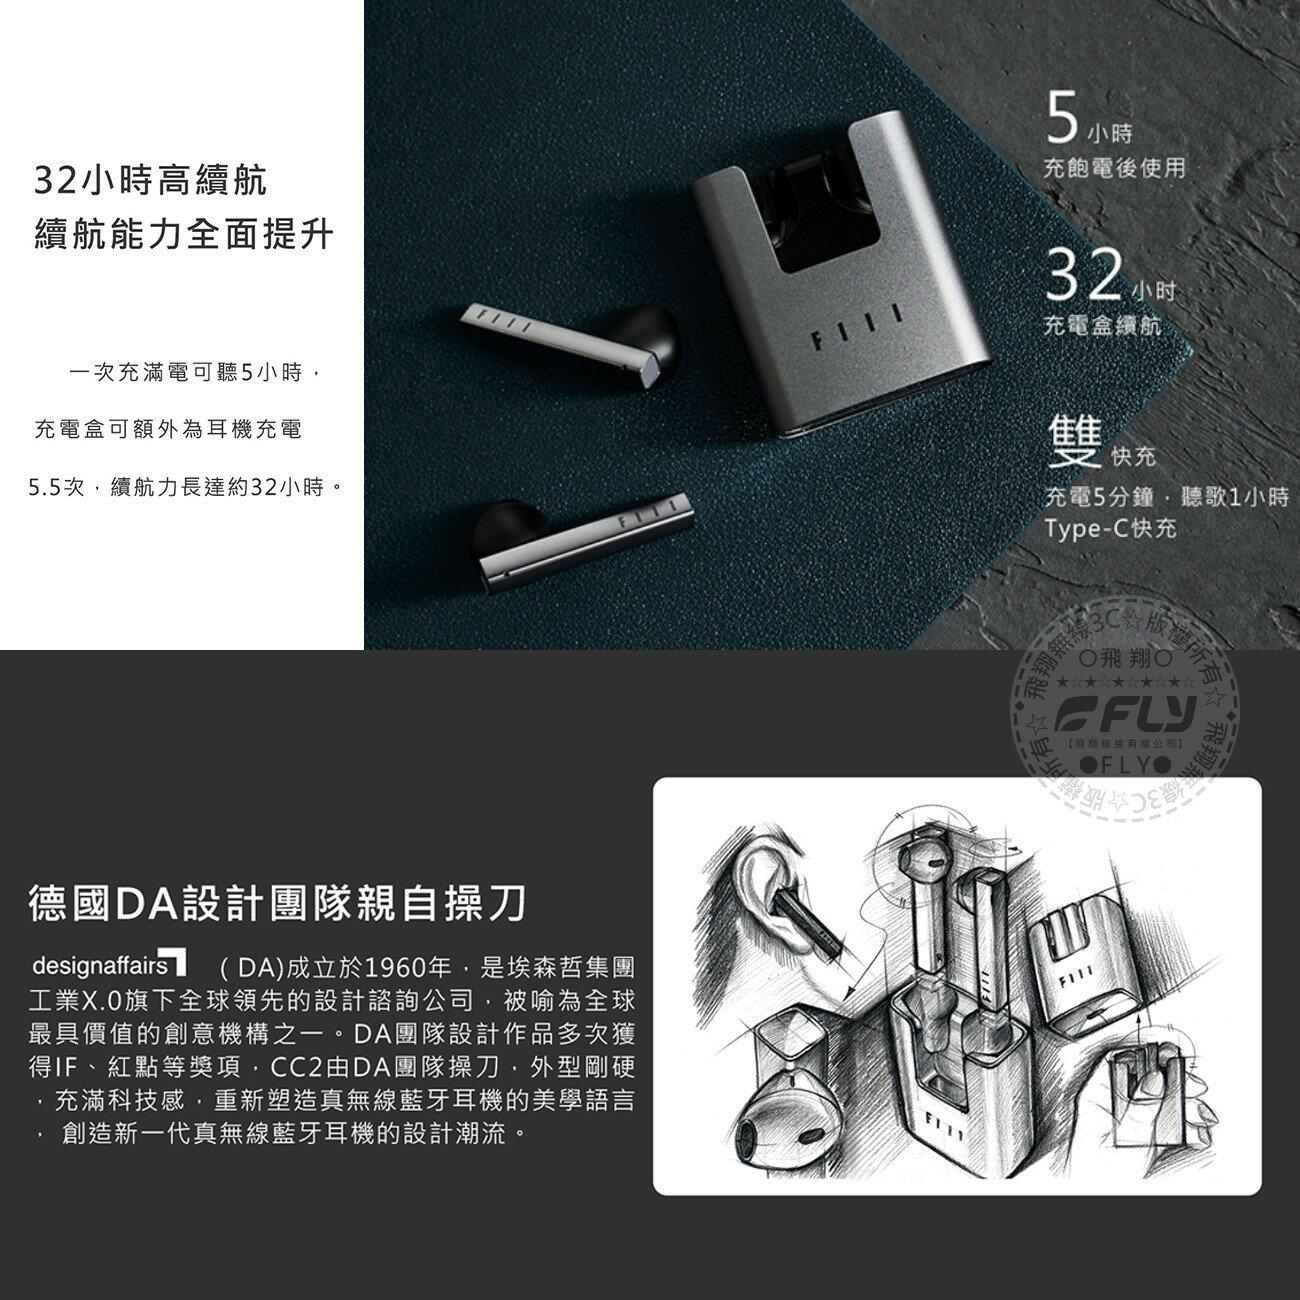 《飛翔無線3C》FIIL CC2 真無線藍牙耳機◉台灣公司貨◉藍芽5.2◉遊戲音樂影音低延遲◉大動圈單元